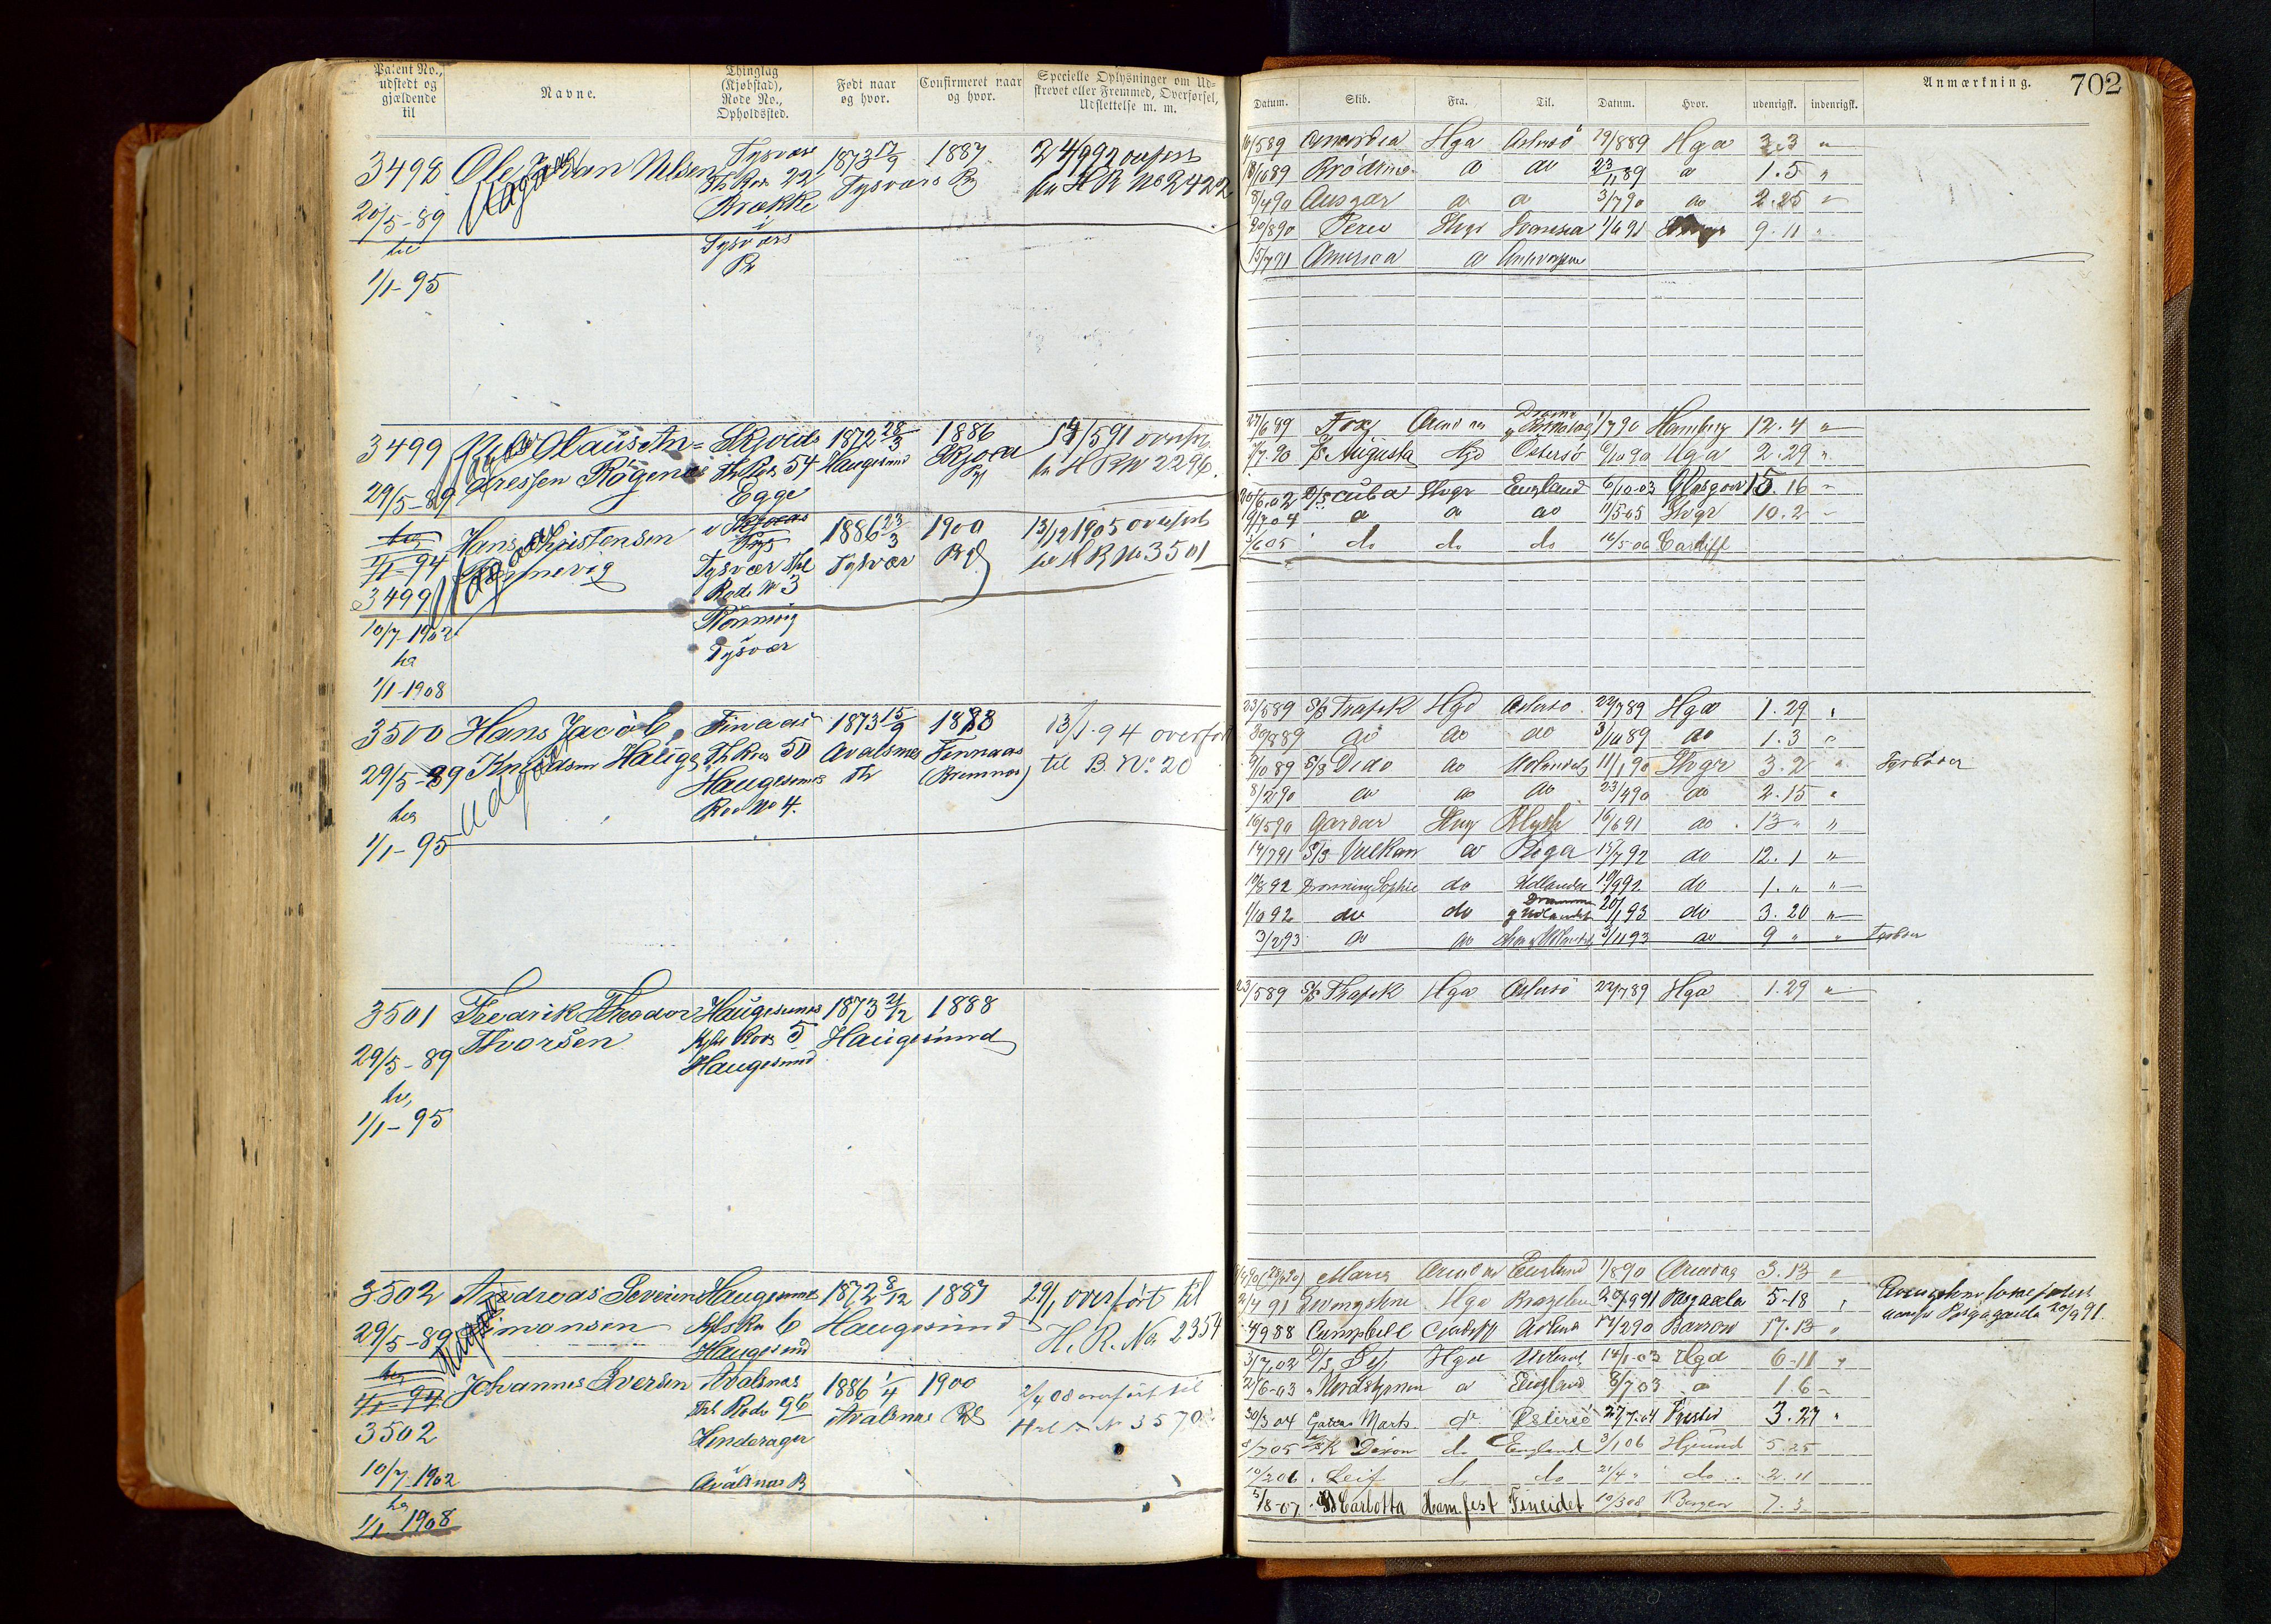 SAST, Haugesund sjømannskontor, F/Ff/L0004: Sjøfartsrulle Haugesund krets nr. 1 - 3586, 1868-1948, s. 702